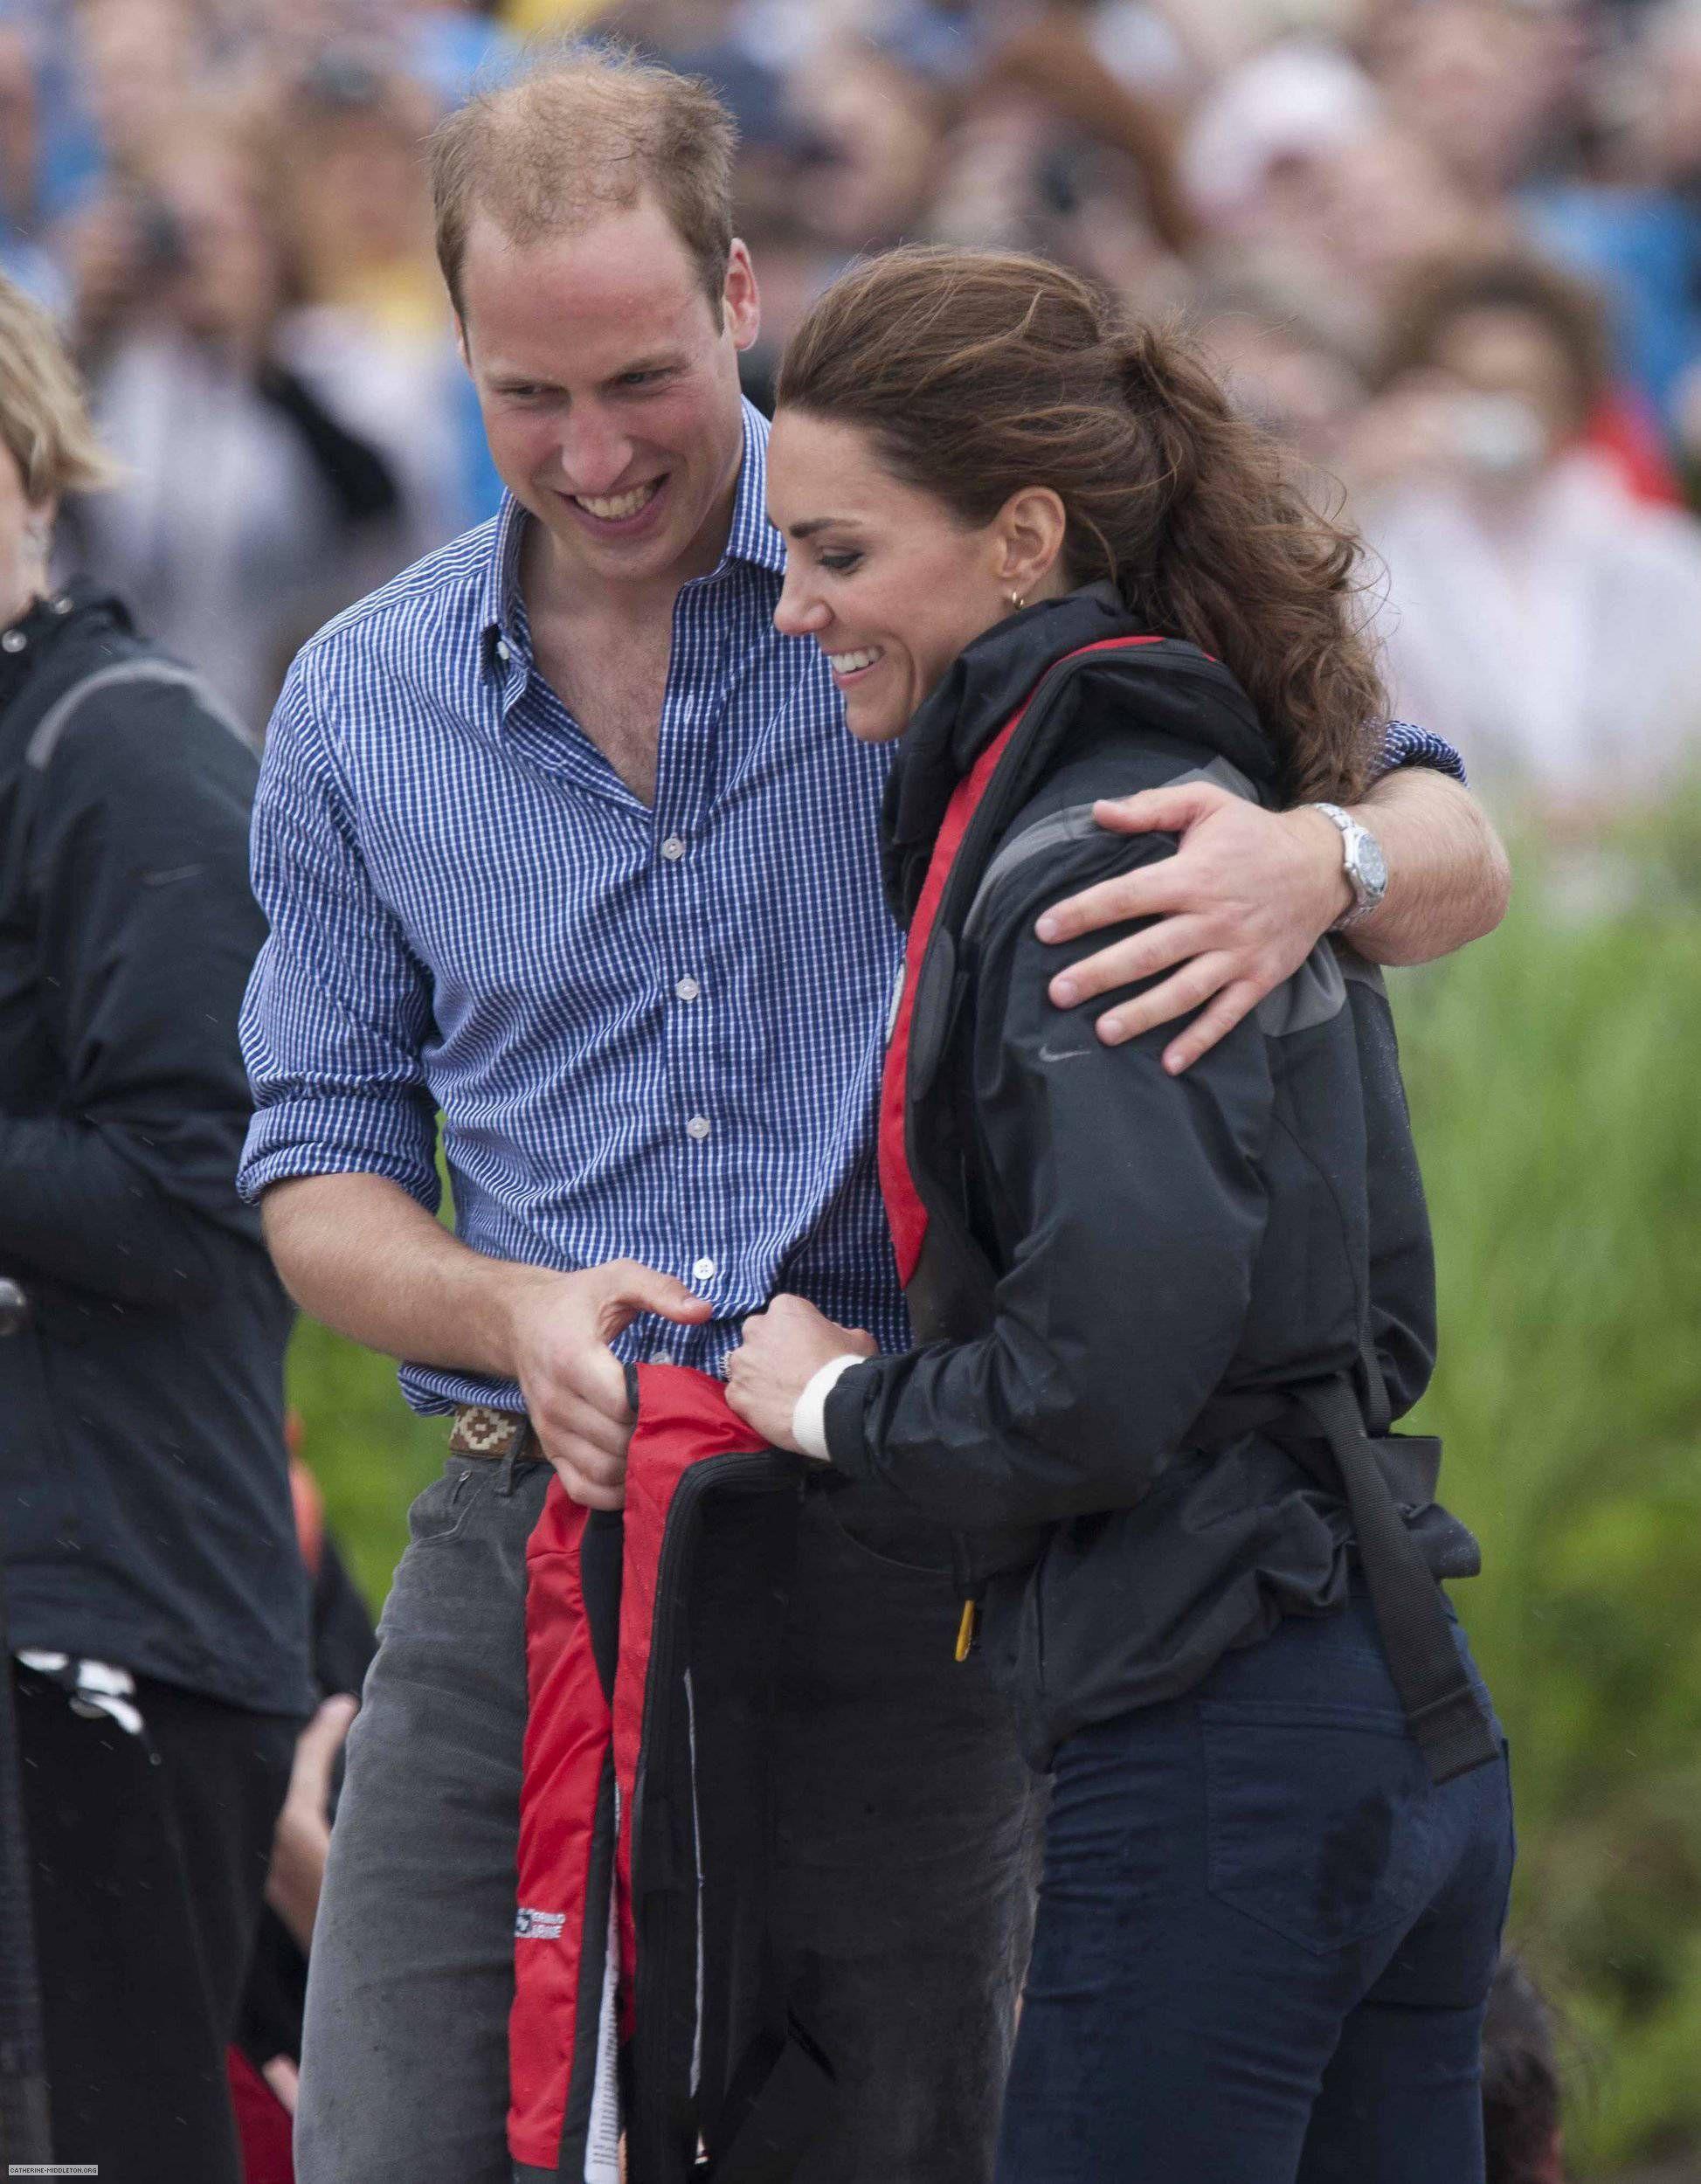 4th July 2011, Prince Edward Island Canada